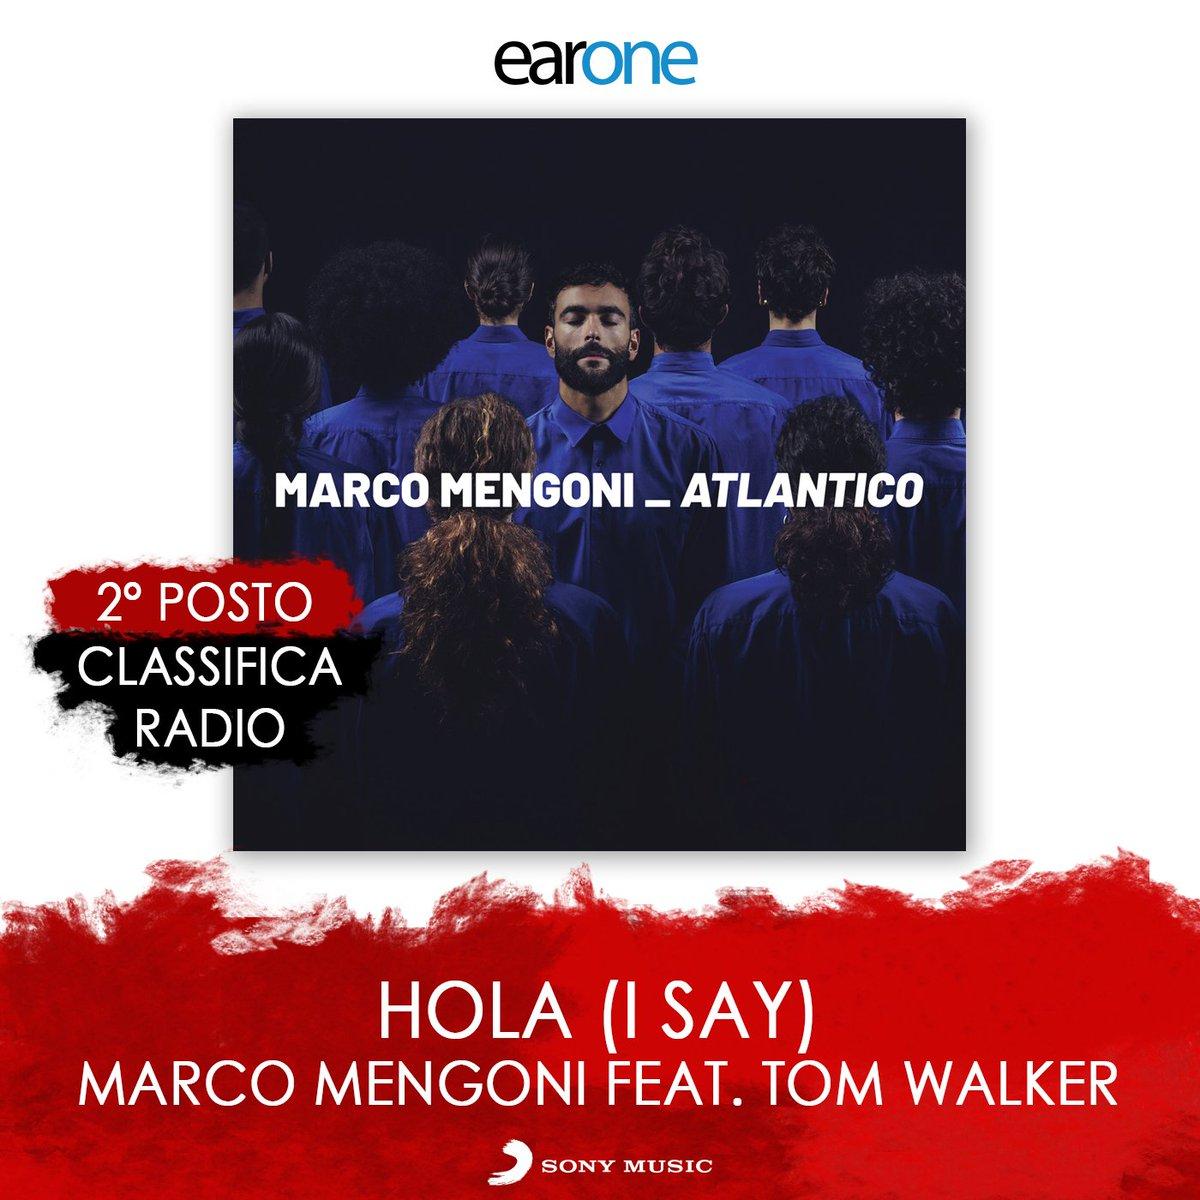 #Hola (I Say) di @mengonimarco feat. @IamTomWalker è al secondo posto tra i brani più trasmessi dalle radio 📻🎉